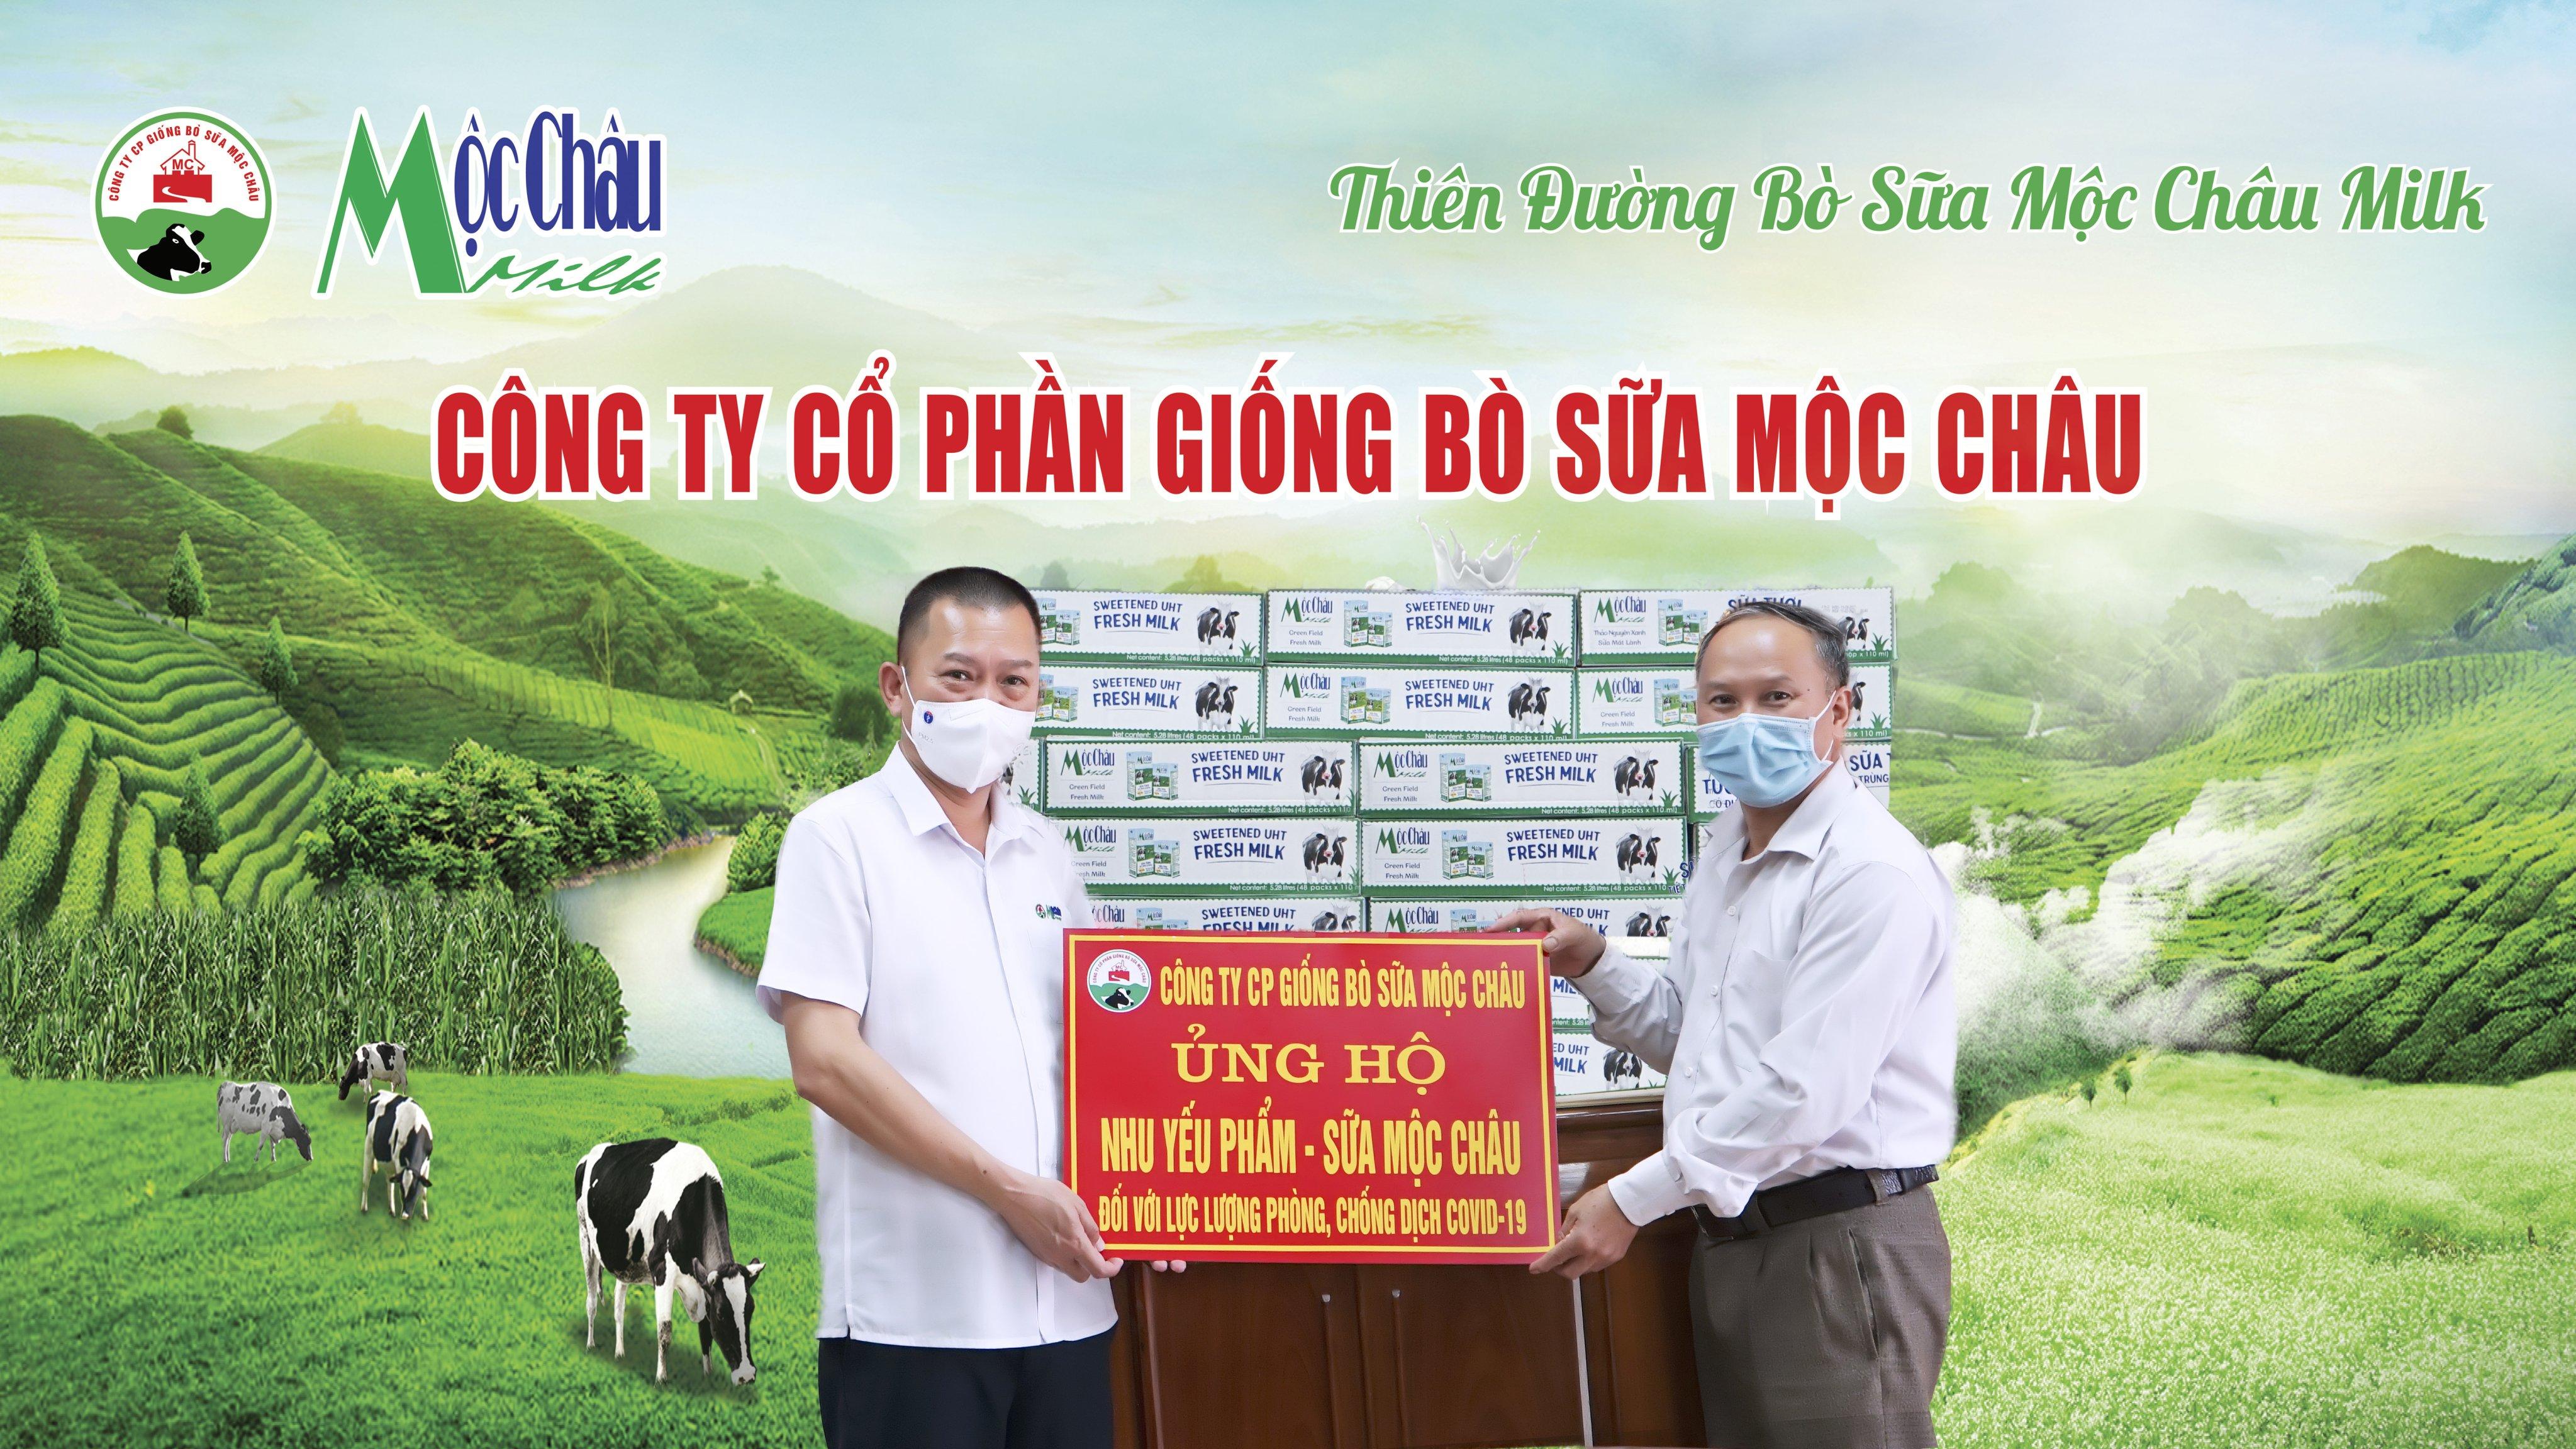 Mộc Châu Milk hỗ trợ hơn 50.000 sản phẩm sữa cho lực lượng tuyến đầu và người dân nơi tâm dịch Covid-19 2